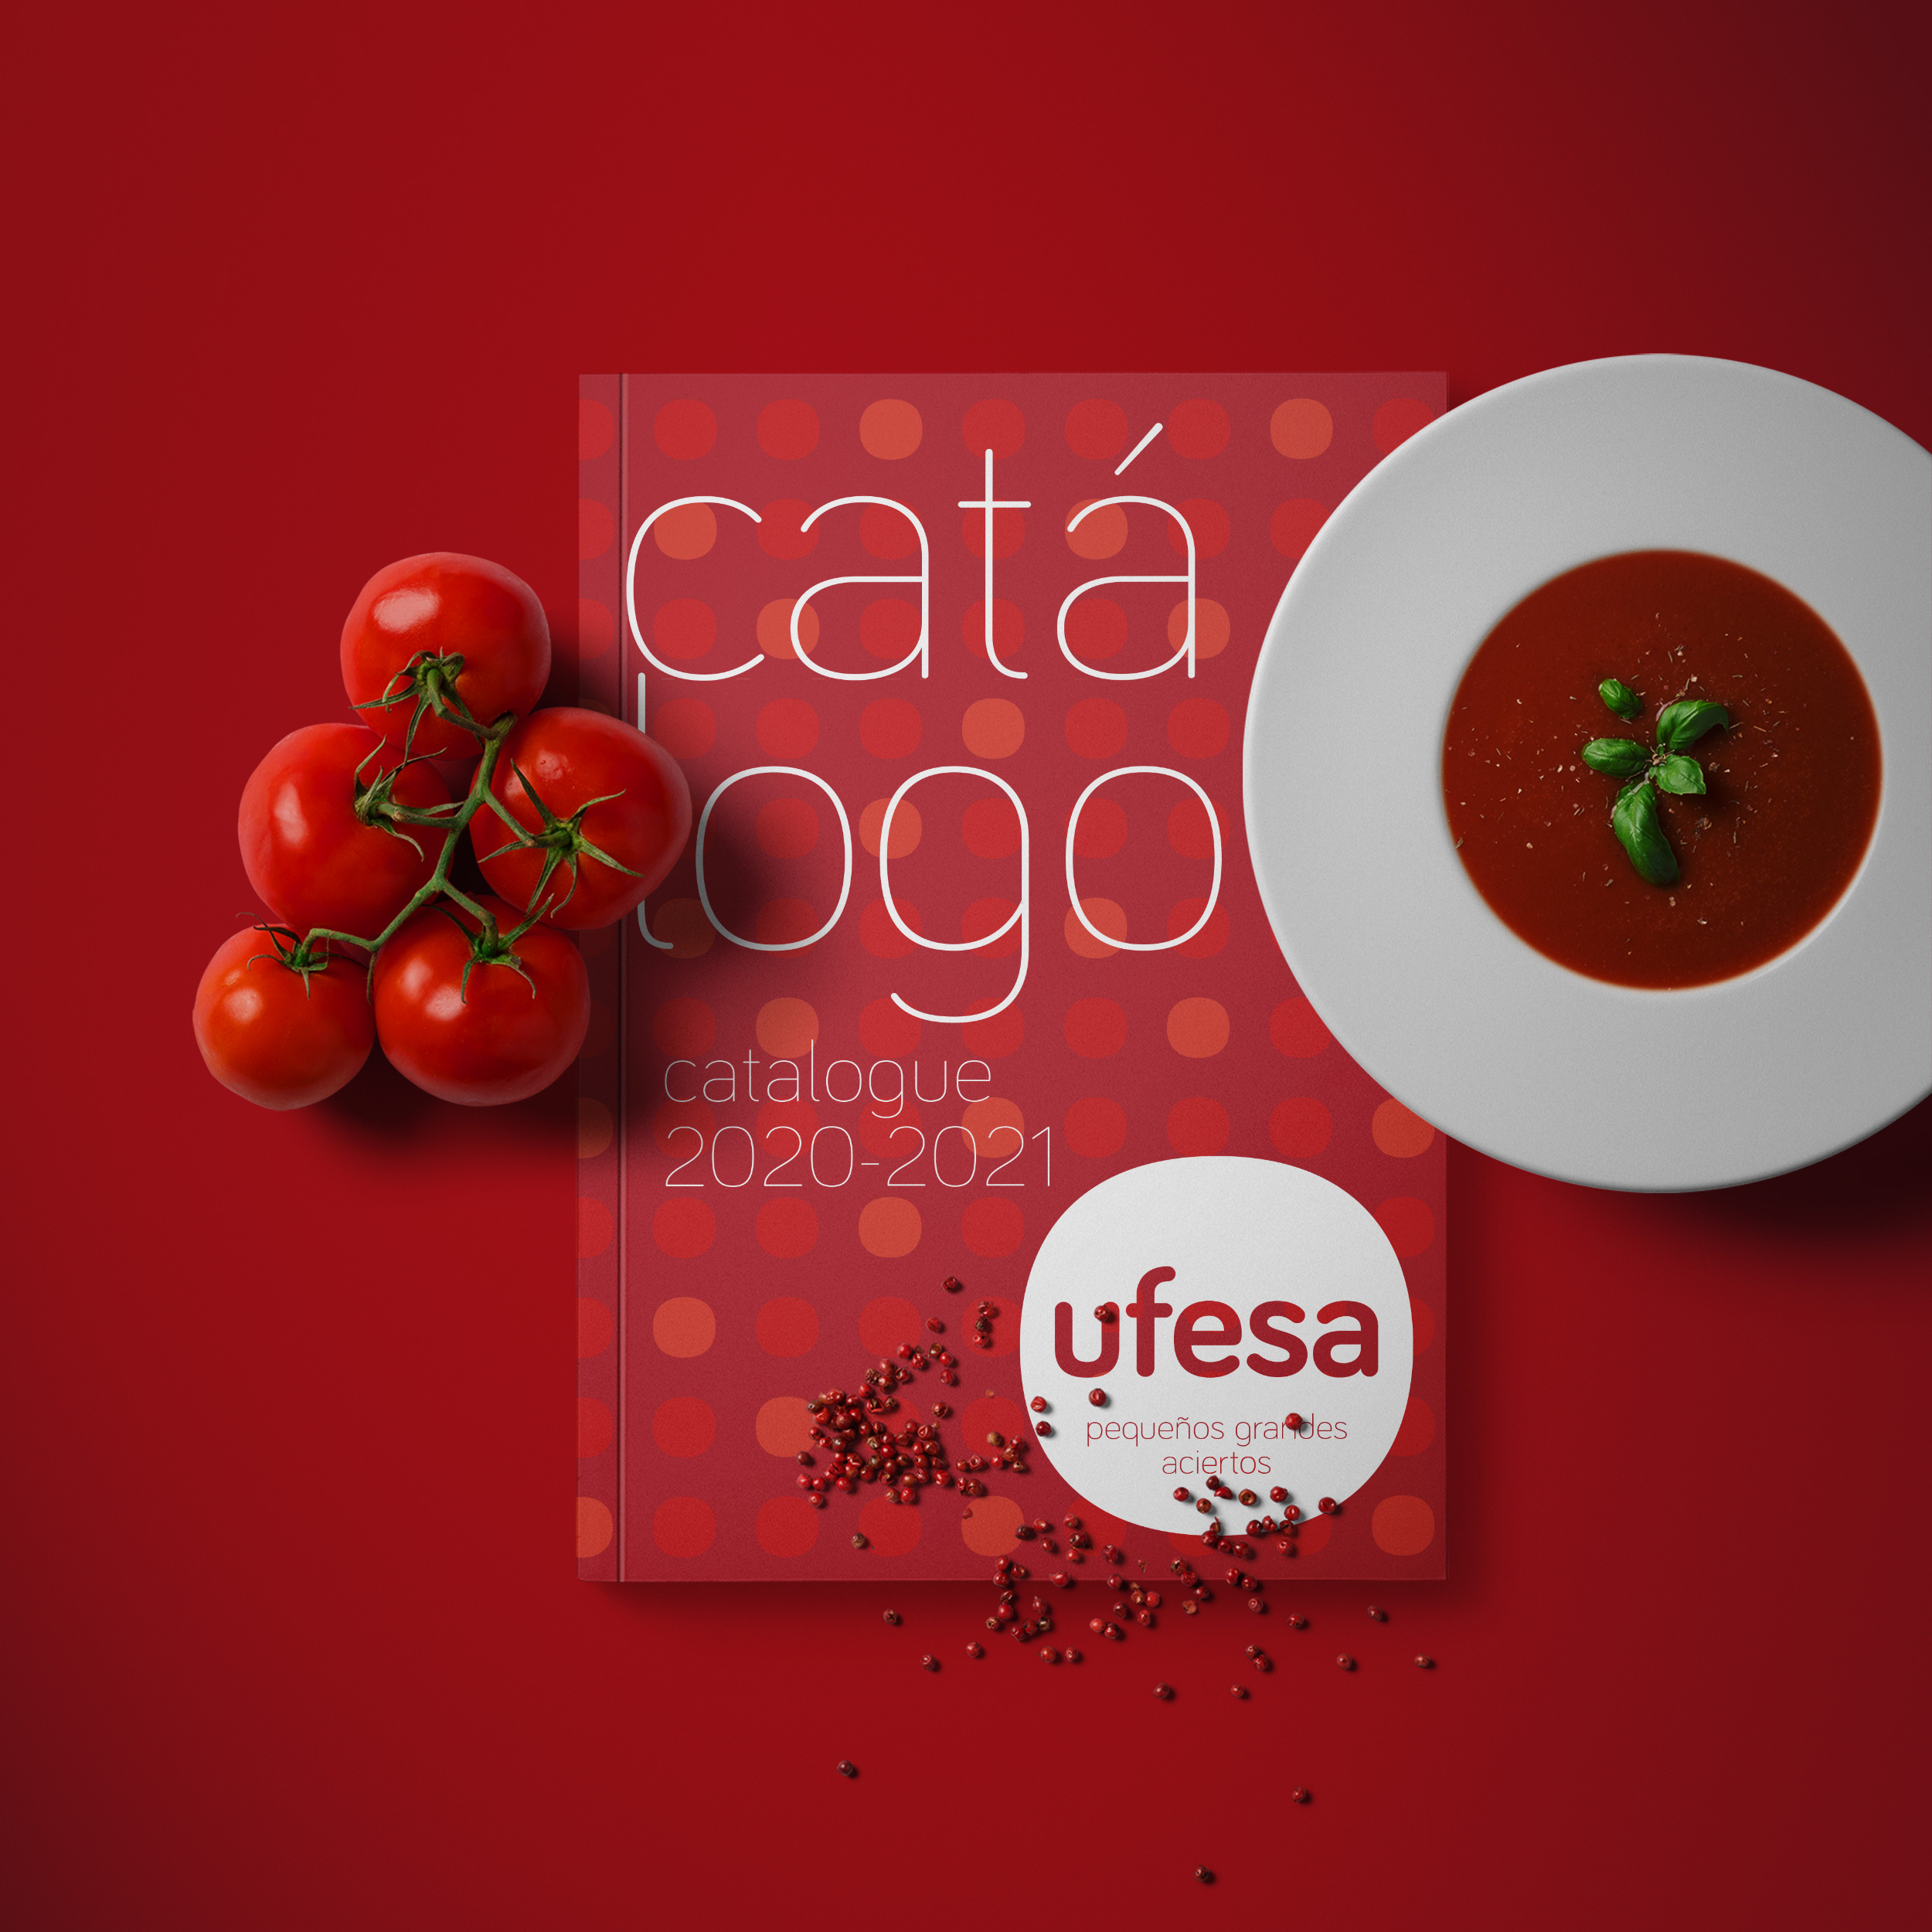 Vestida de flores - Diseño Catálogo productos electrodomésticos Ufesa